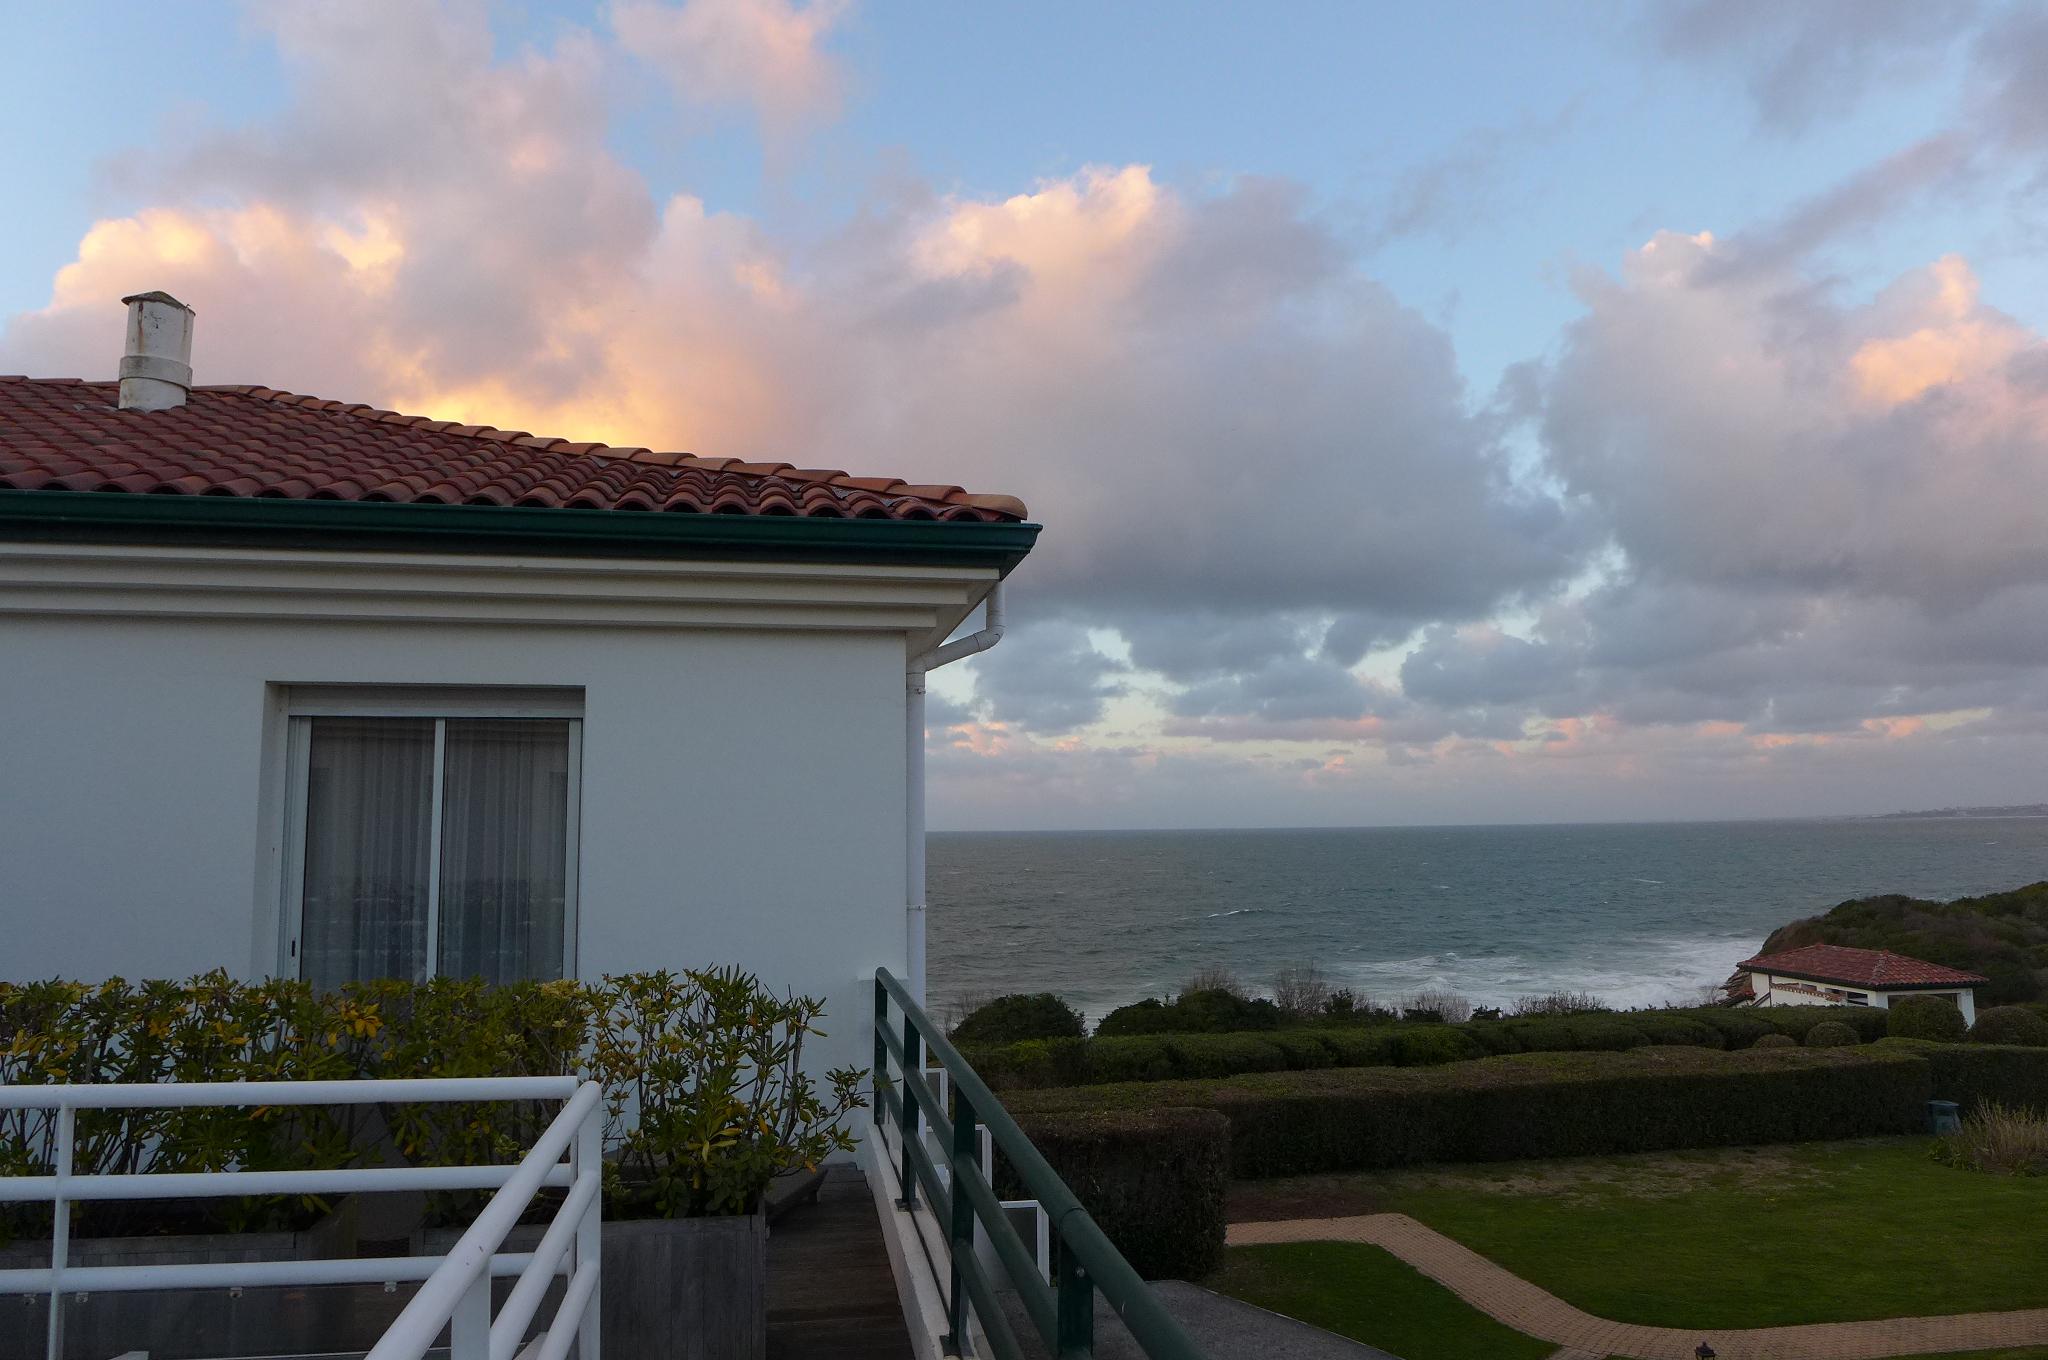 Vue sur la mer depuis une terrasse for Vue terrasse